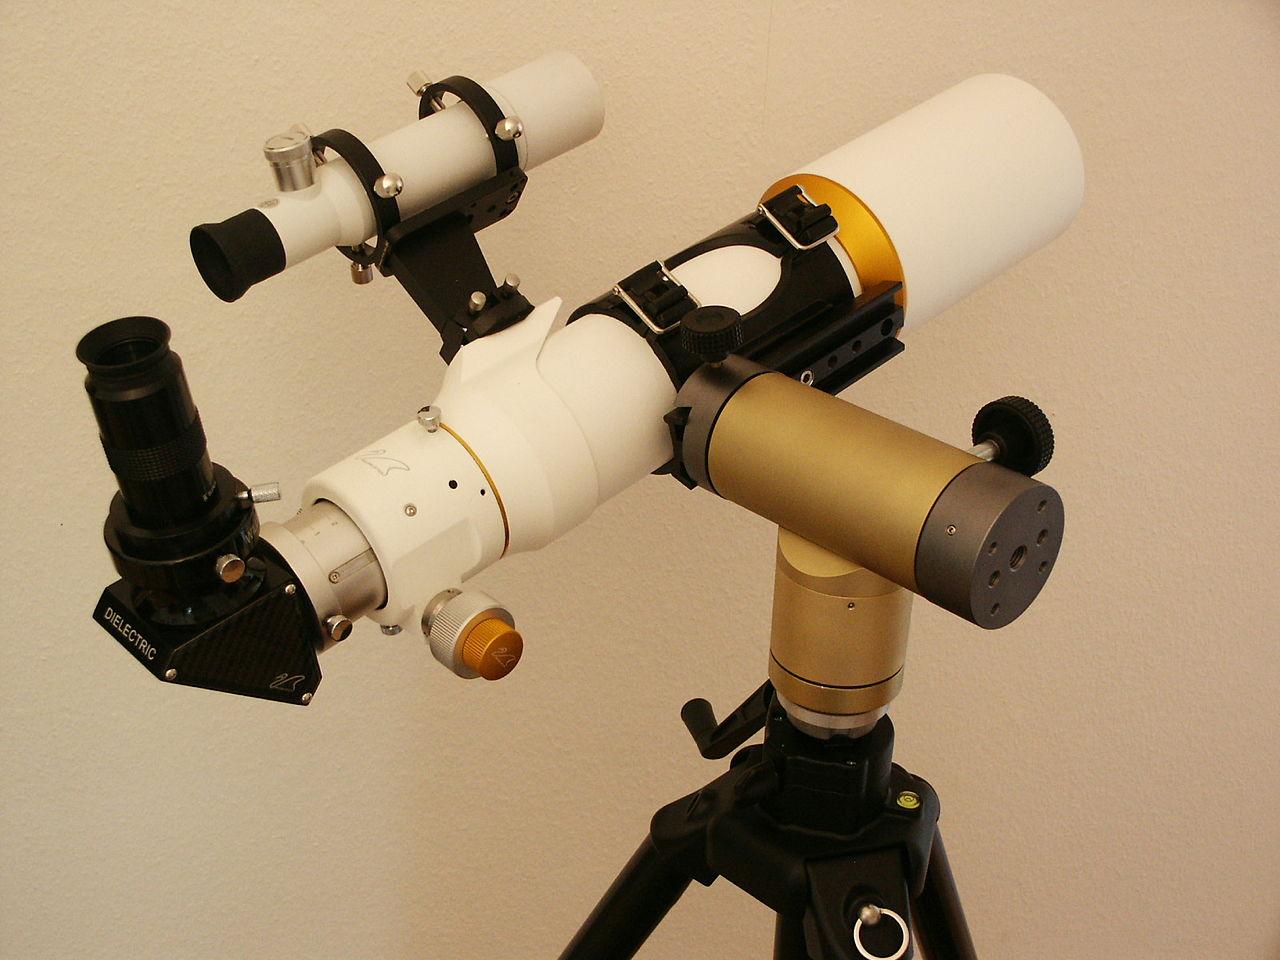 Mein erstes teleskop leitfaden zum teleskop kauf teil